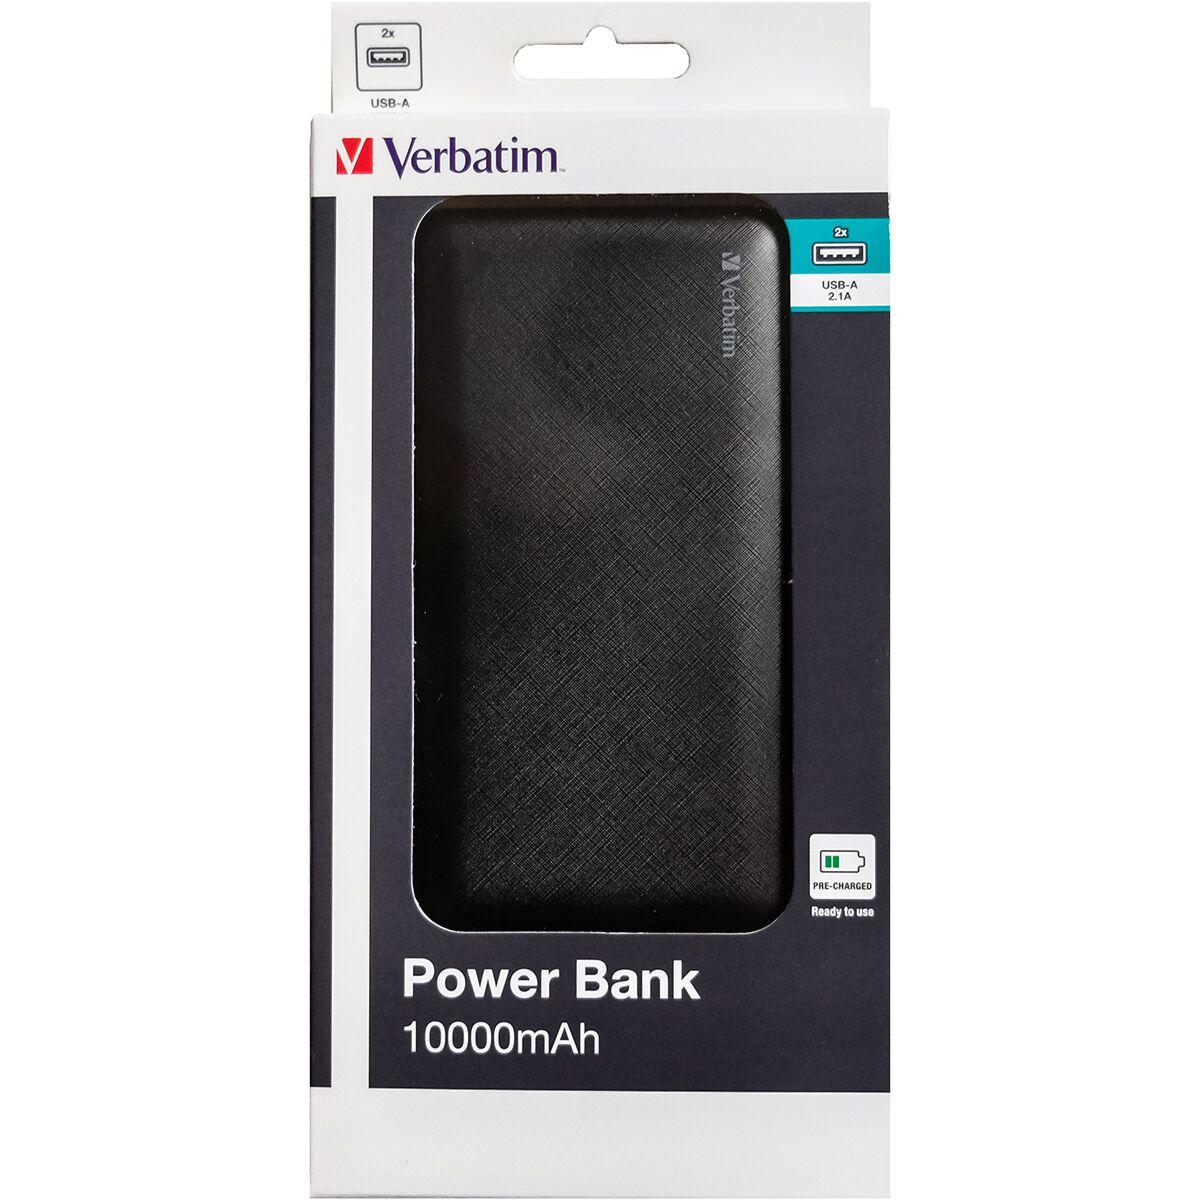 Verbatim 10000mAh Power Bank - Black - £12.99 @ Robert Dyas